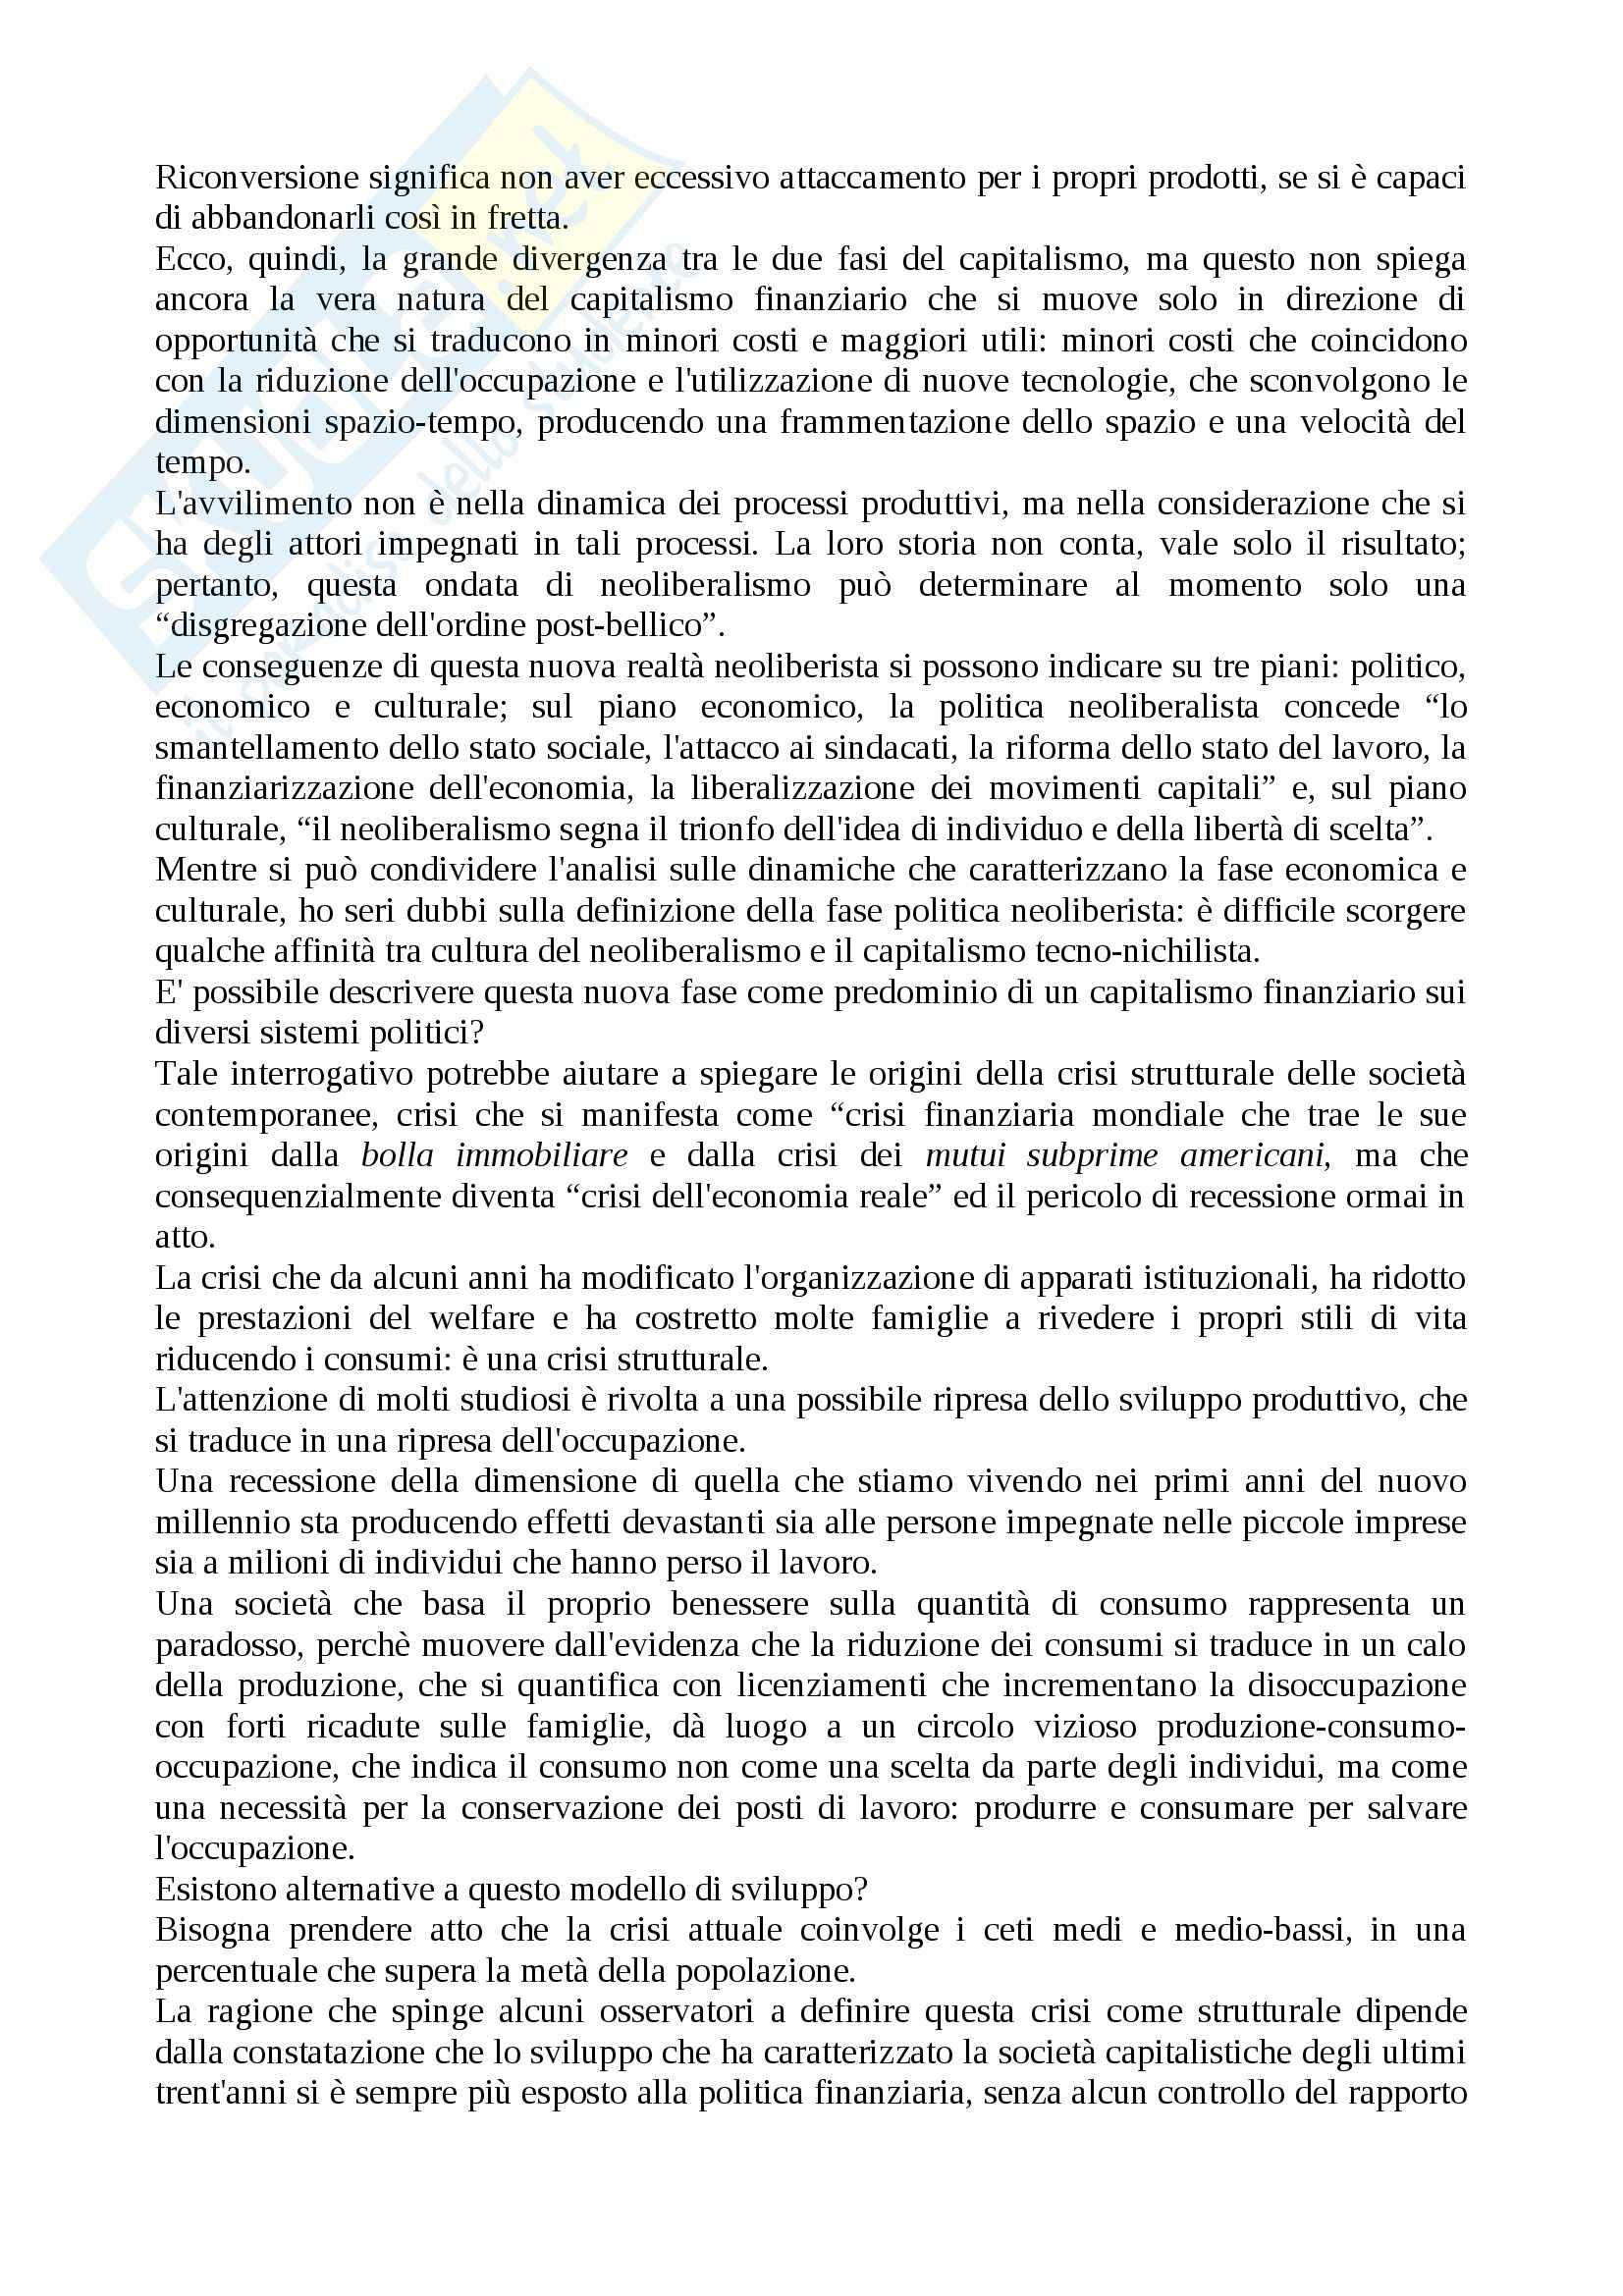 Riassunto esame Metodi e Tecniche della Ricerca Sociale, prof. Selvaggio, libro consigliato Tra Vulnearbilità e Resilienza, Ammaturo Pag. 2